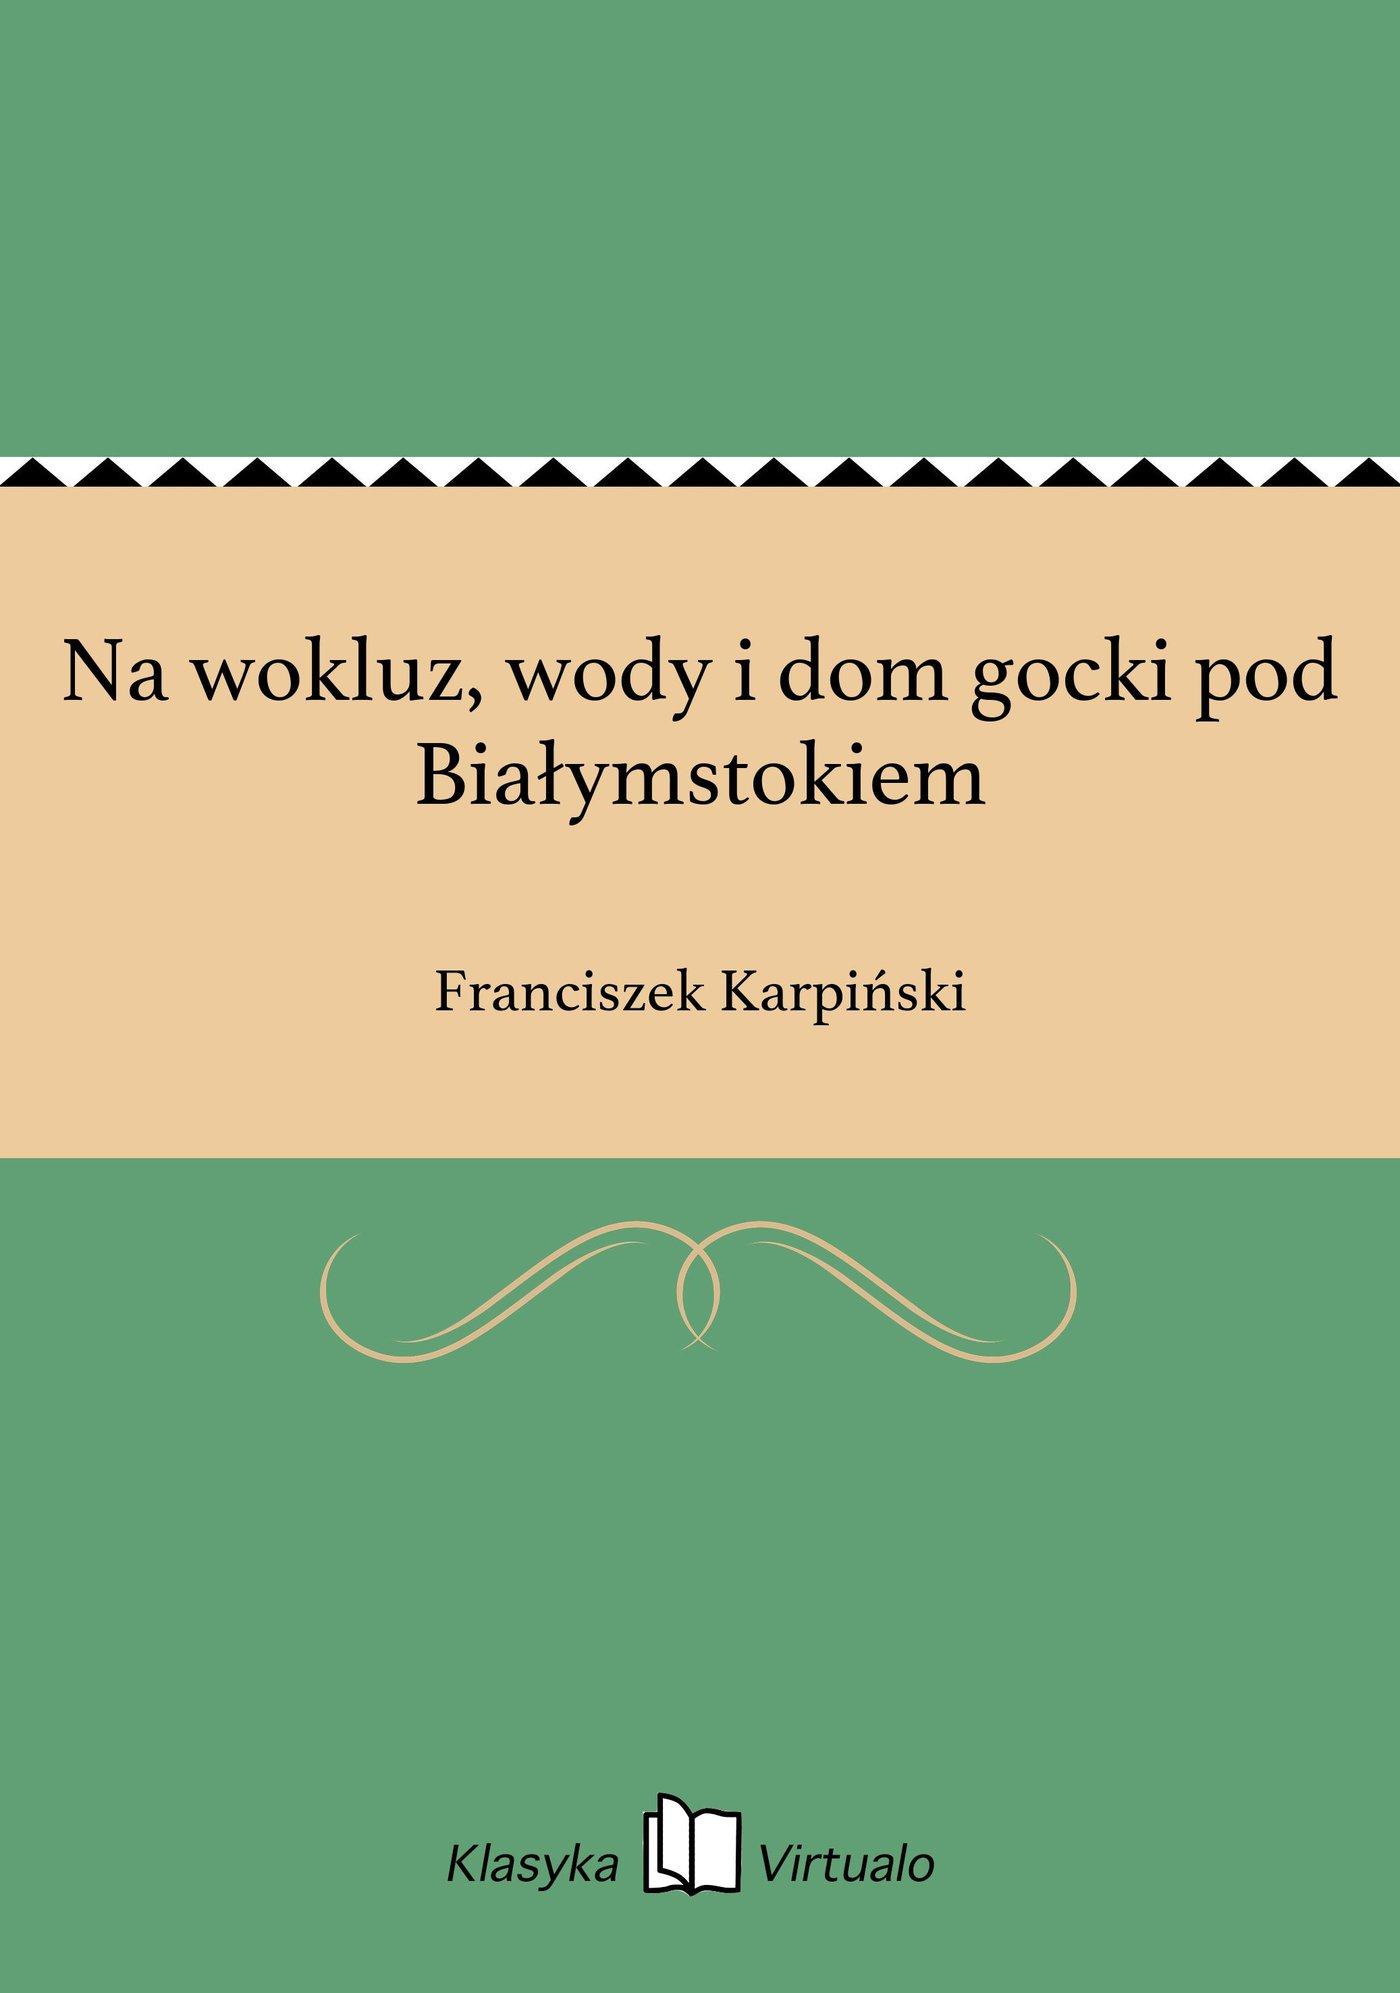 Na wokluz, wody i dom gocki pod Białymstokiem - Ebook (Książka EPUB) do pobrania w formacie EPUB